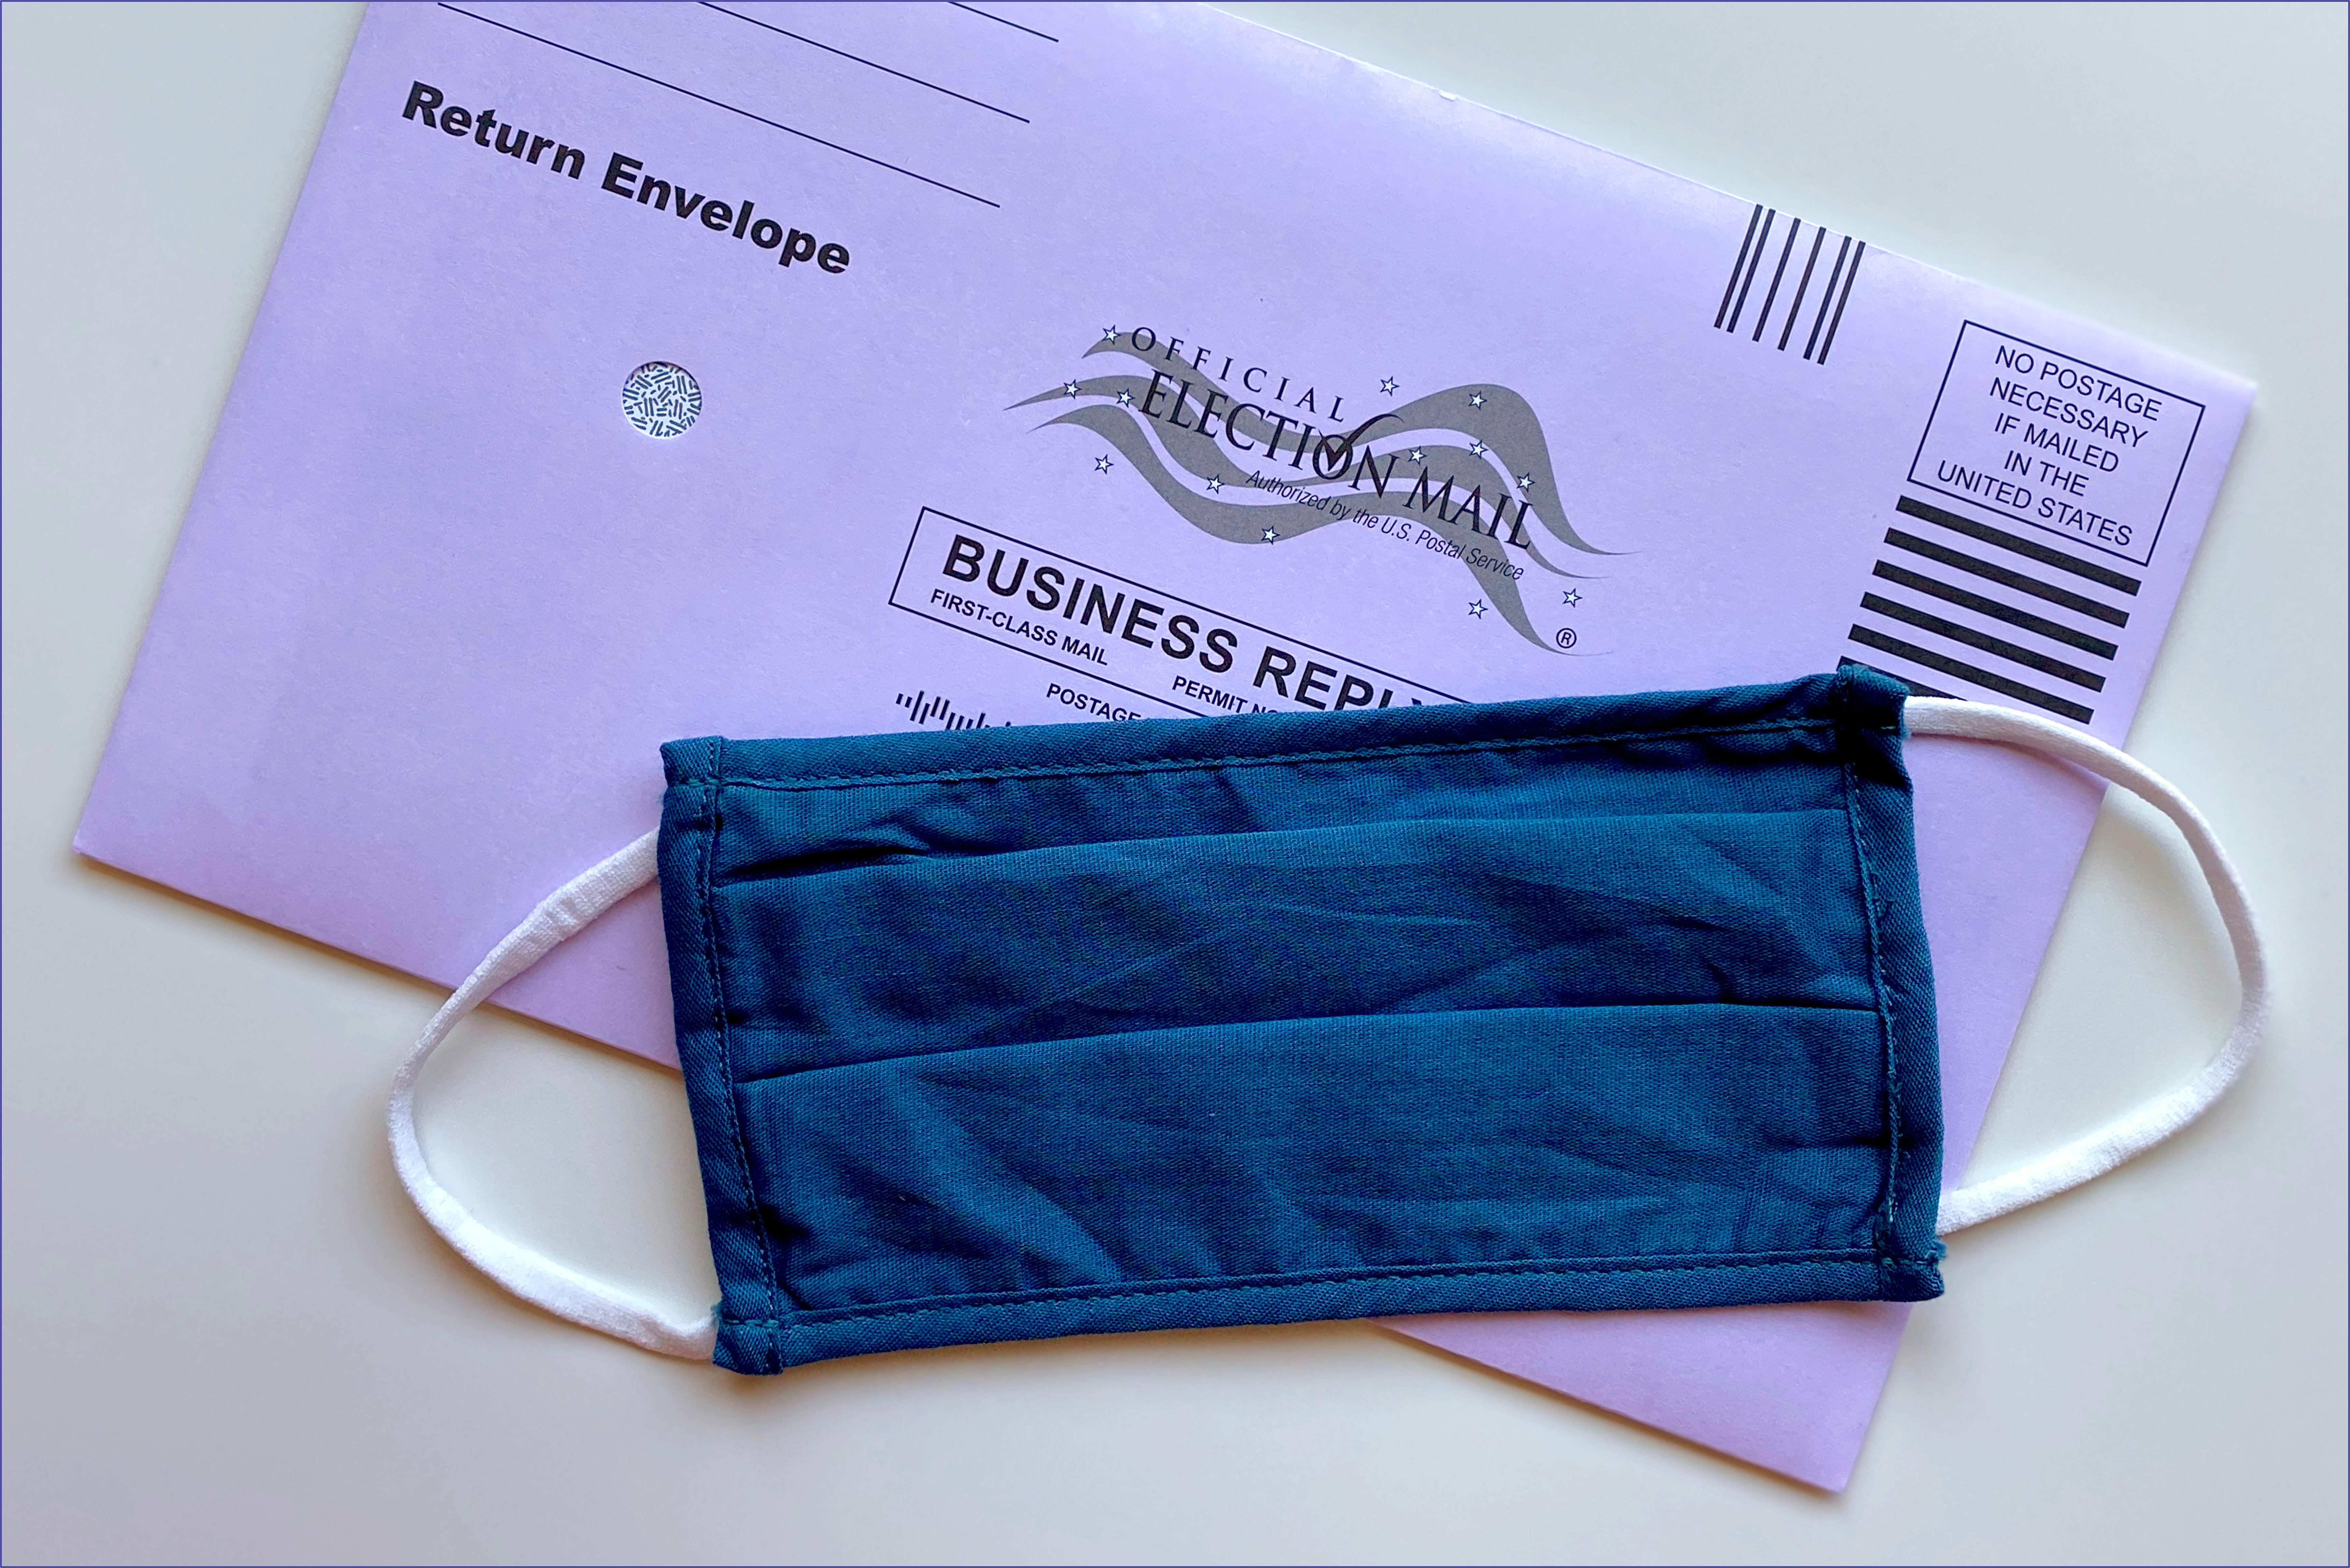 Postal Vote Application Form Online Brisbane